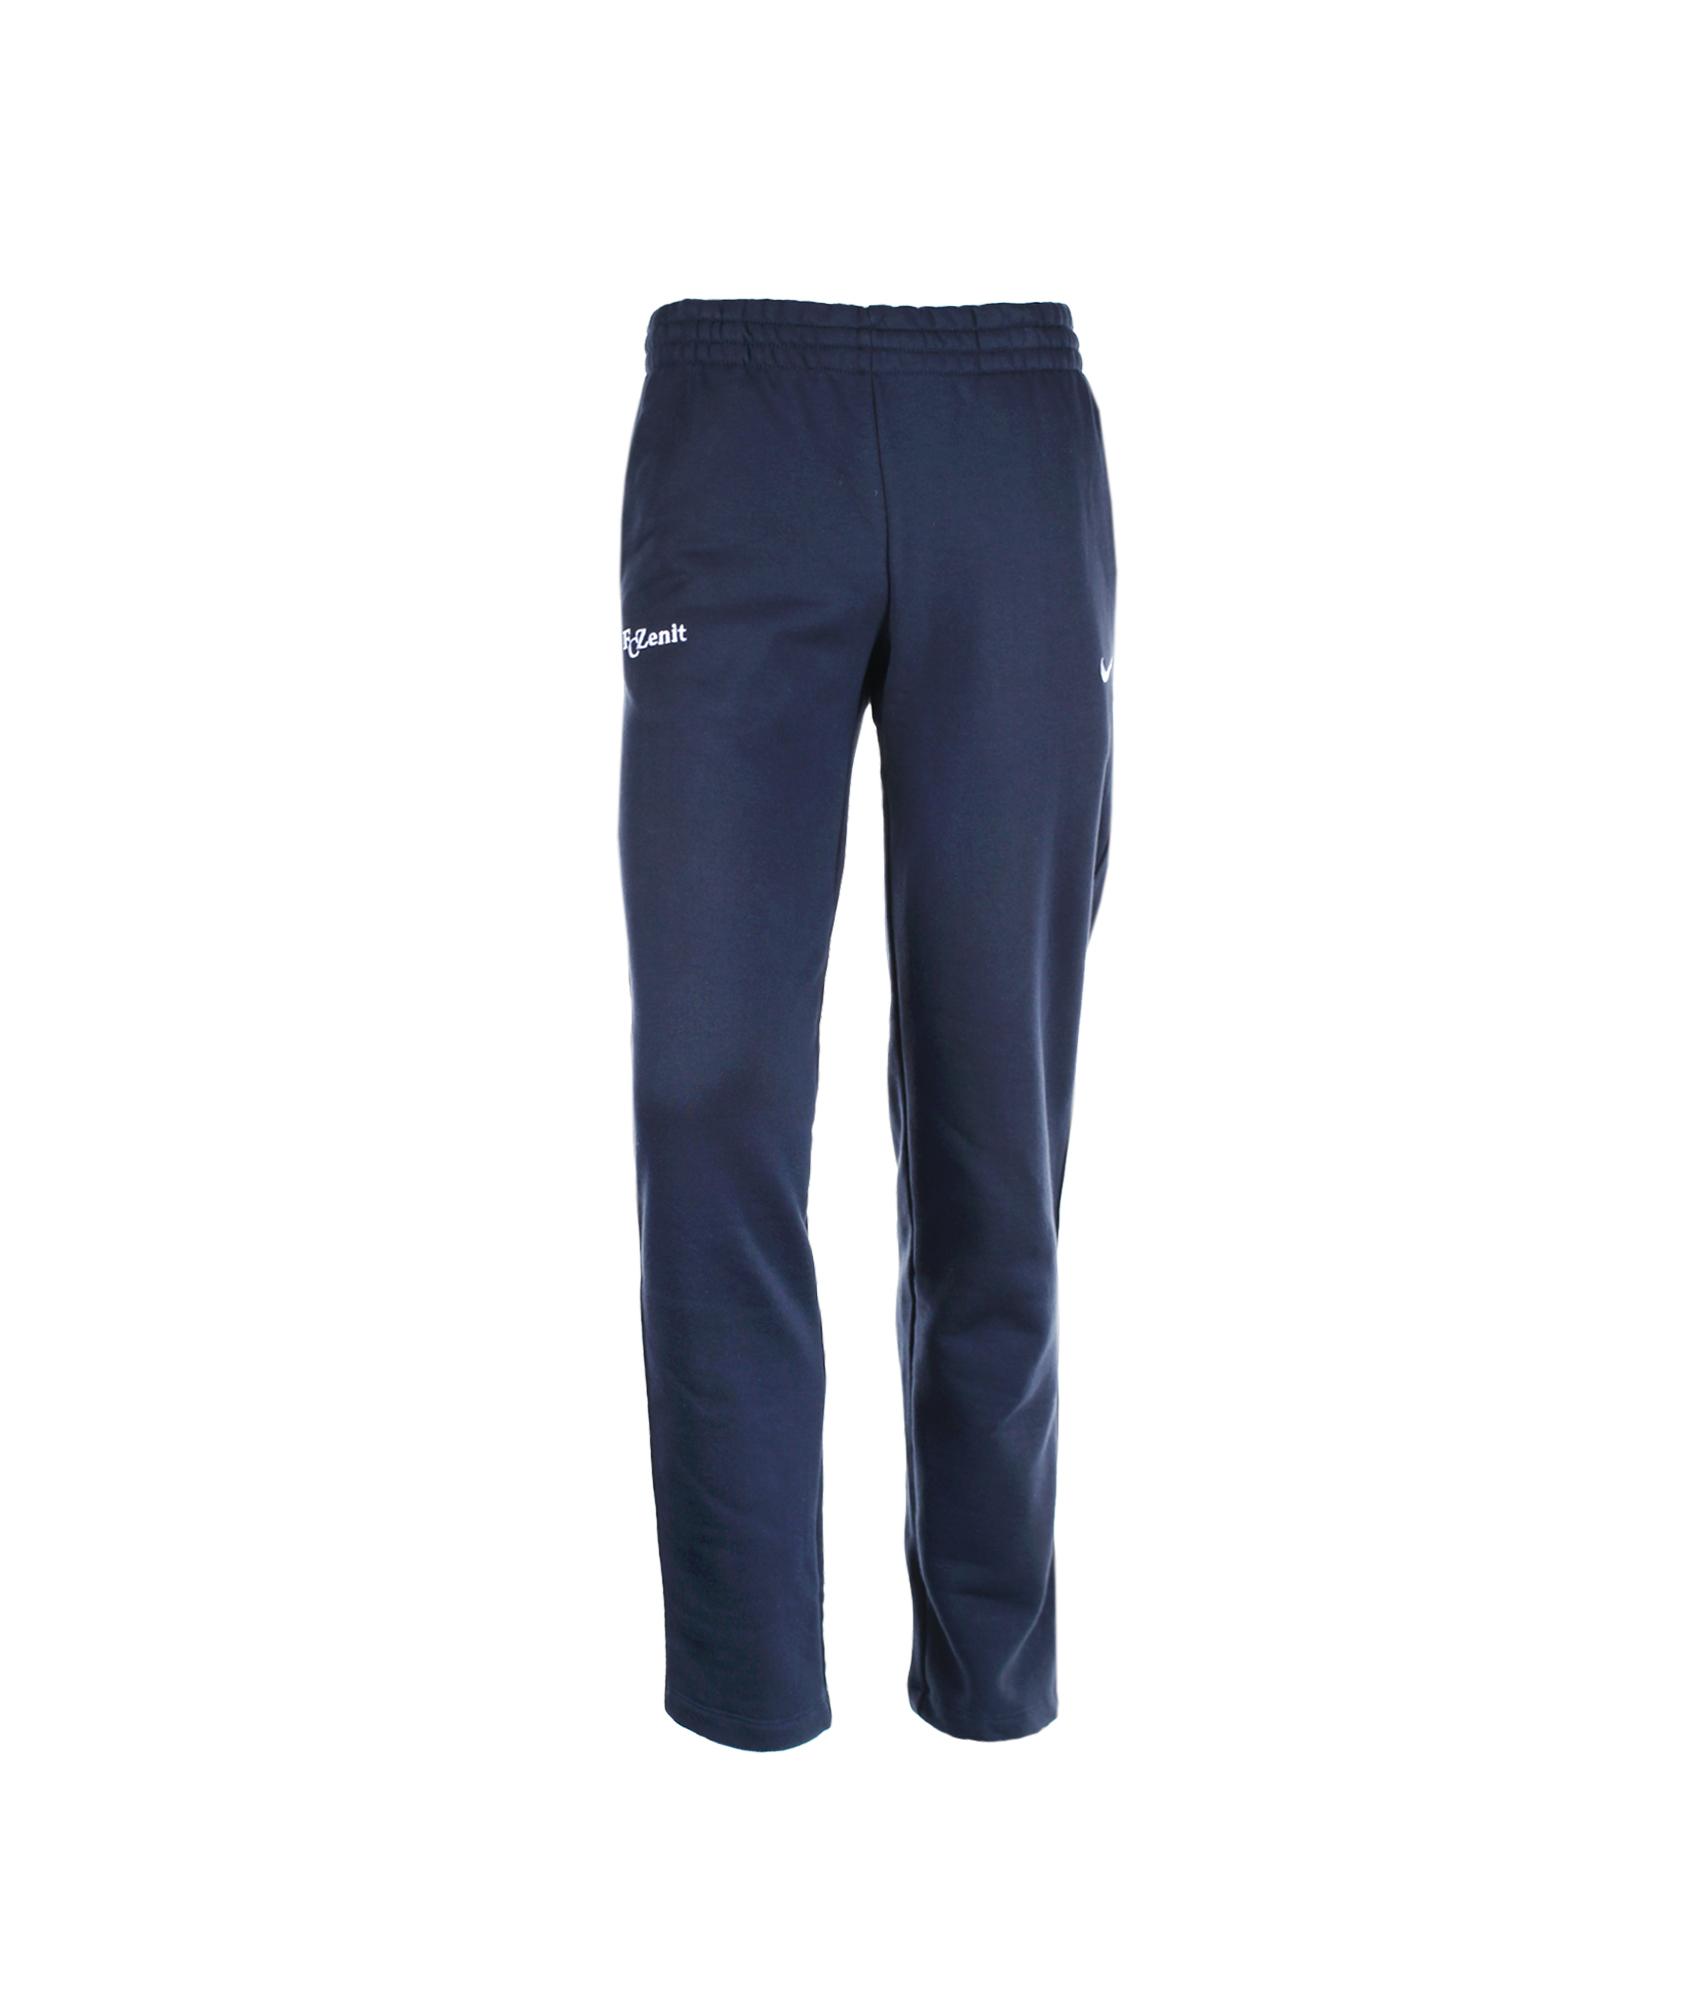 Брюки Nike Squad Fleece Open Hem Pant, Цвет-Темно-Синий, Размер-XS